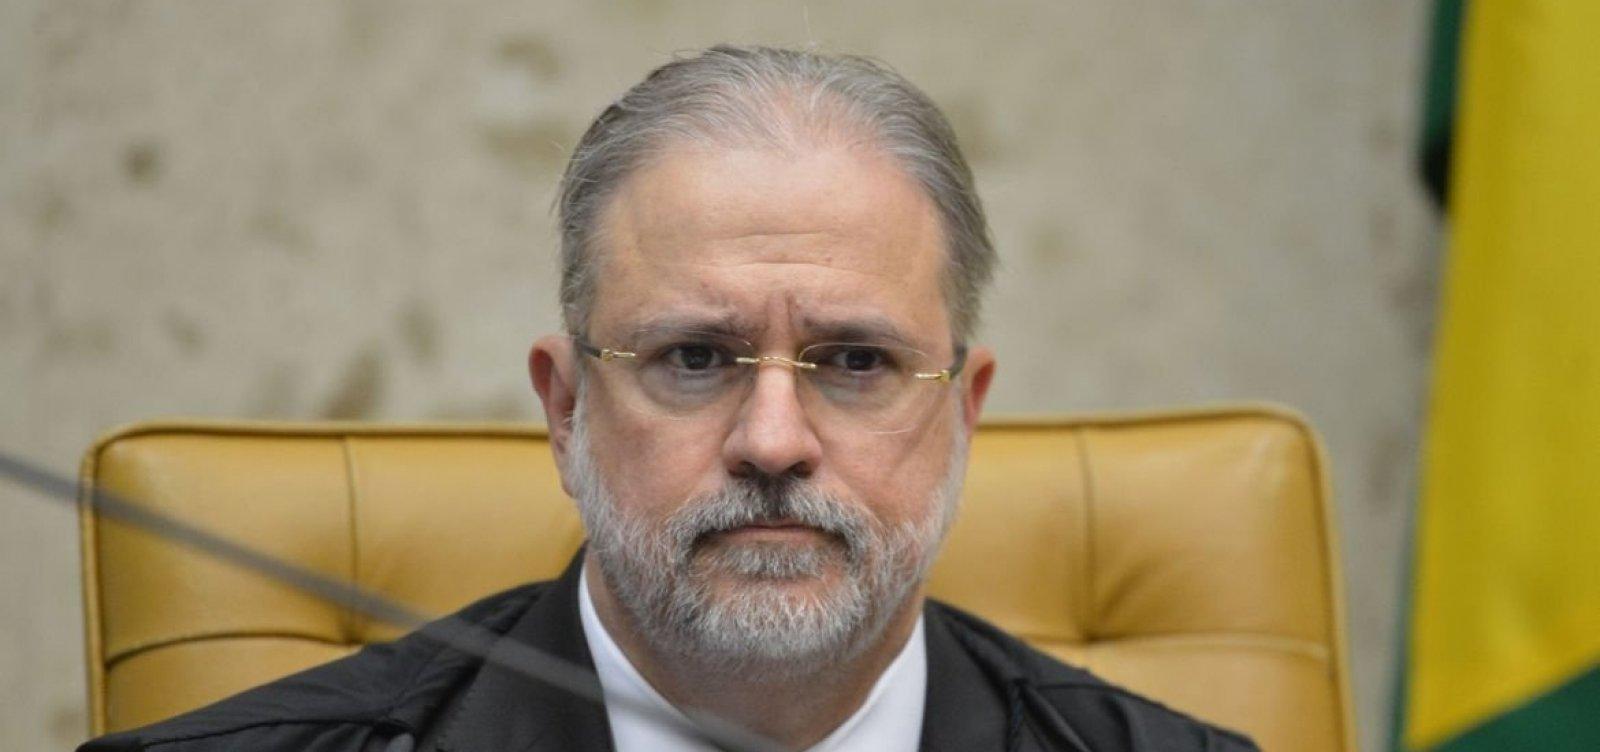 [PGR recorre ao STF para que vídeo de reunião entre Moro e Bolsonaro não seja transcrito na íntegra]